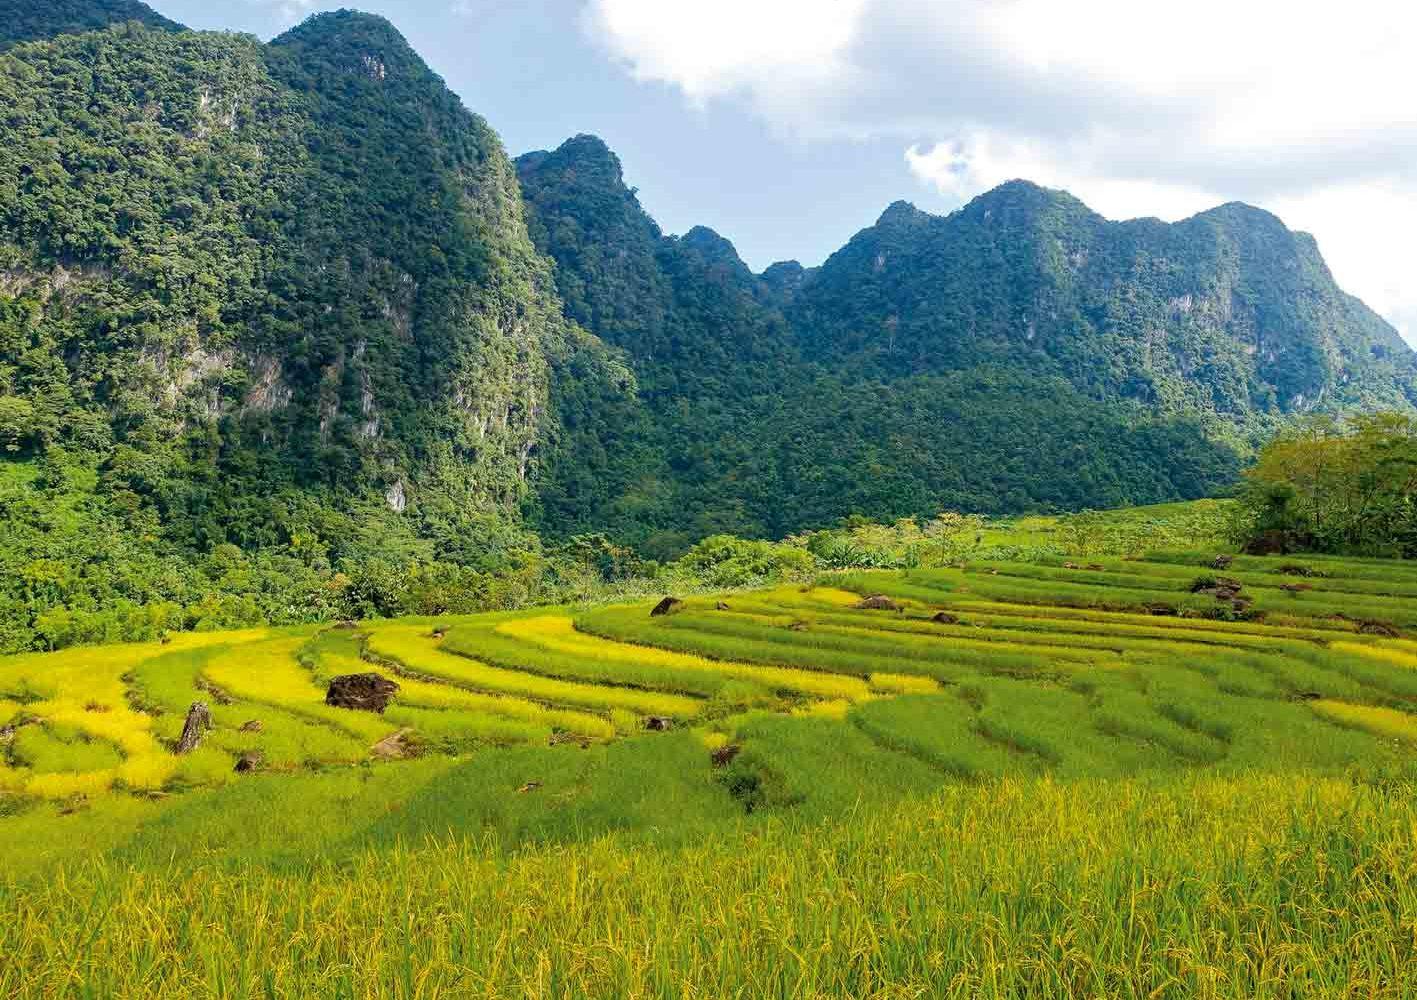 Wanderung durch die legendären Reisterrassen, Vietnam